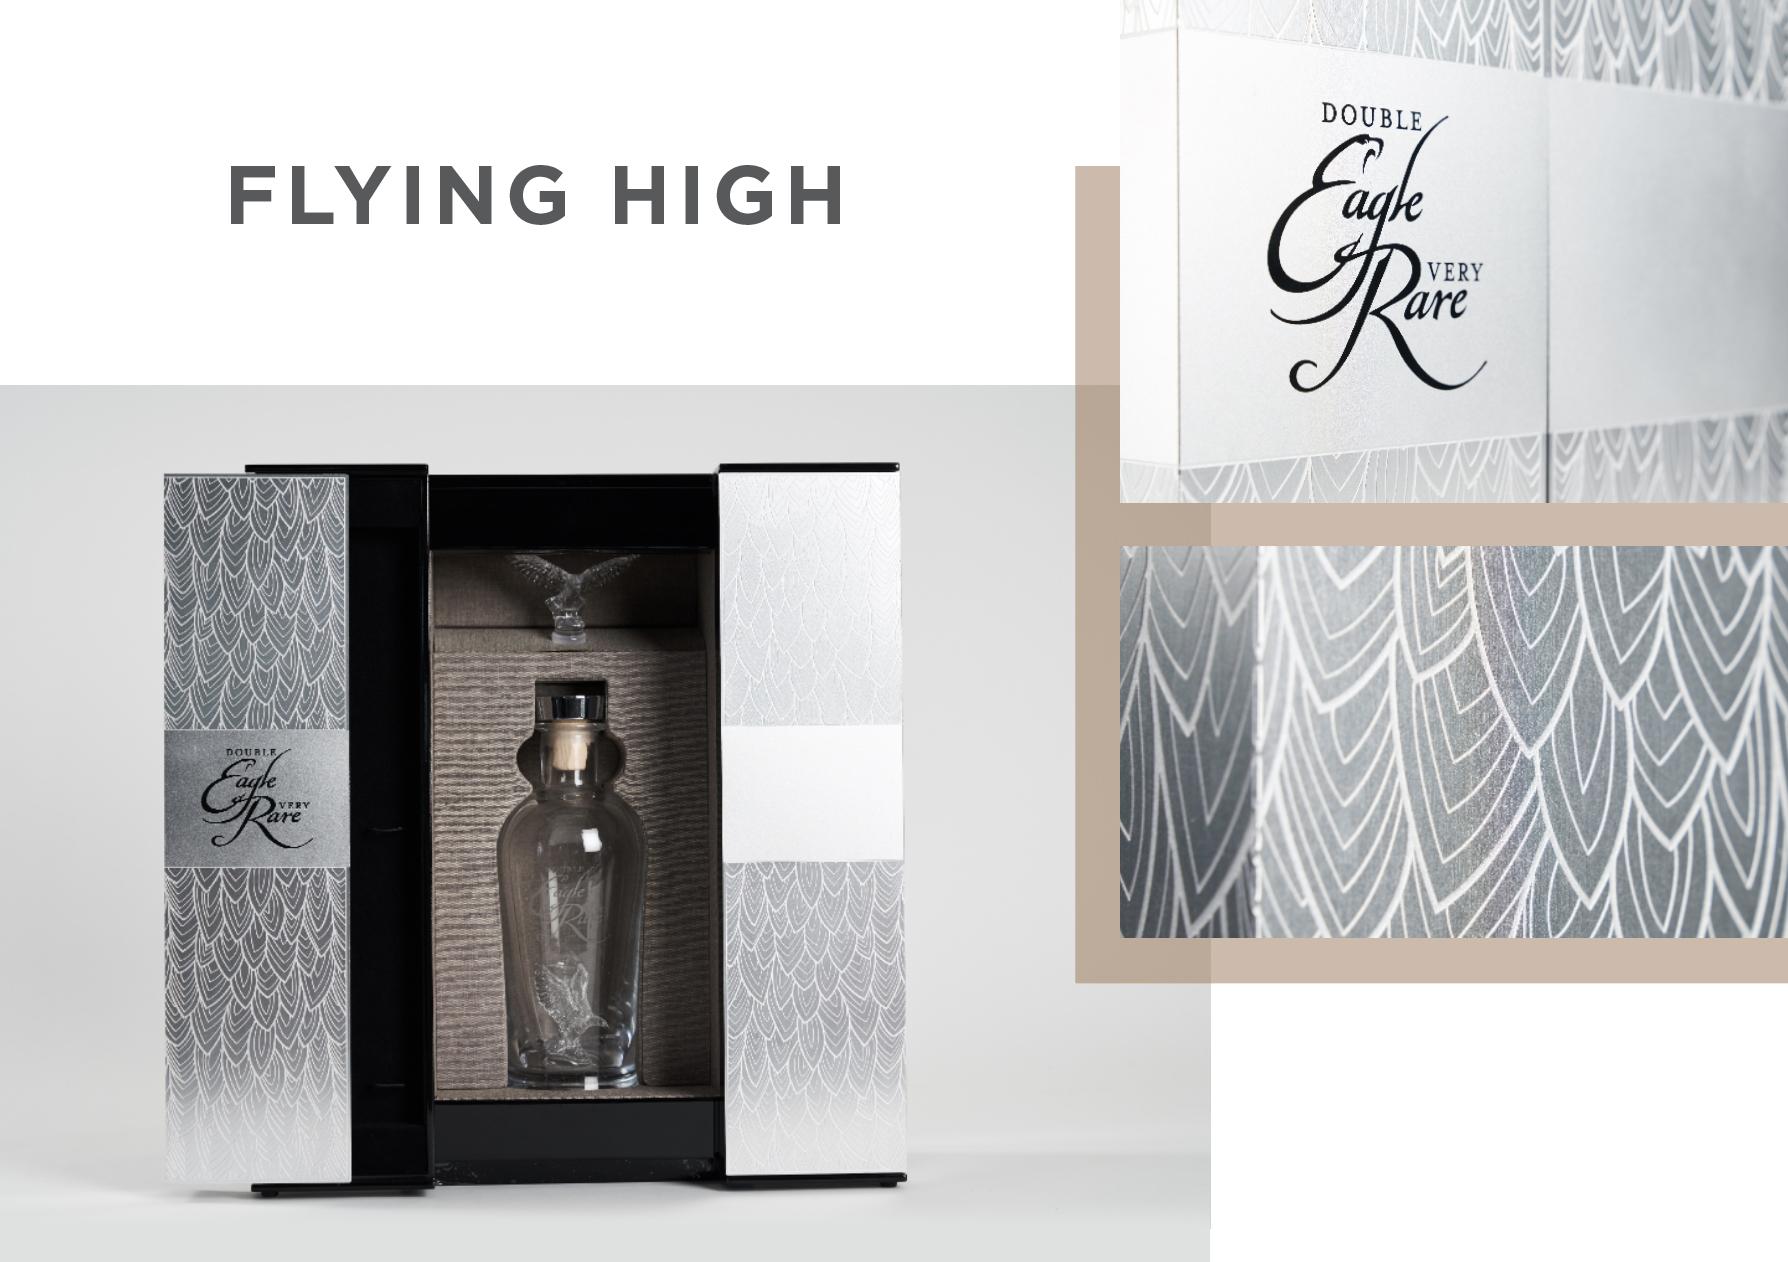 Flying high ipl packaging luxury packaging